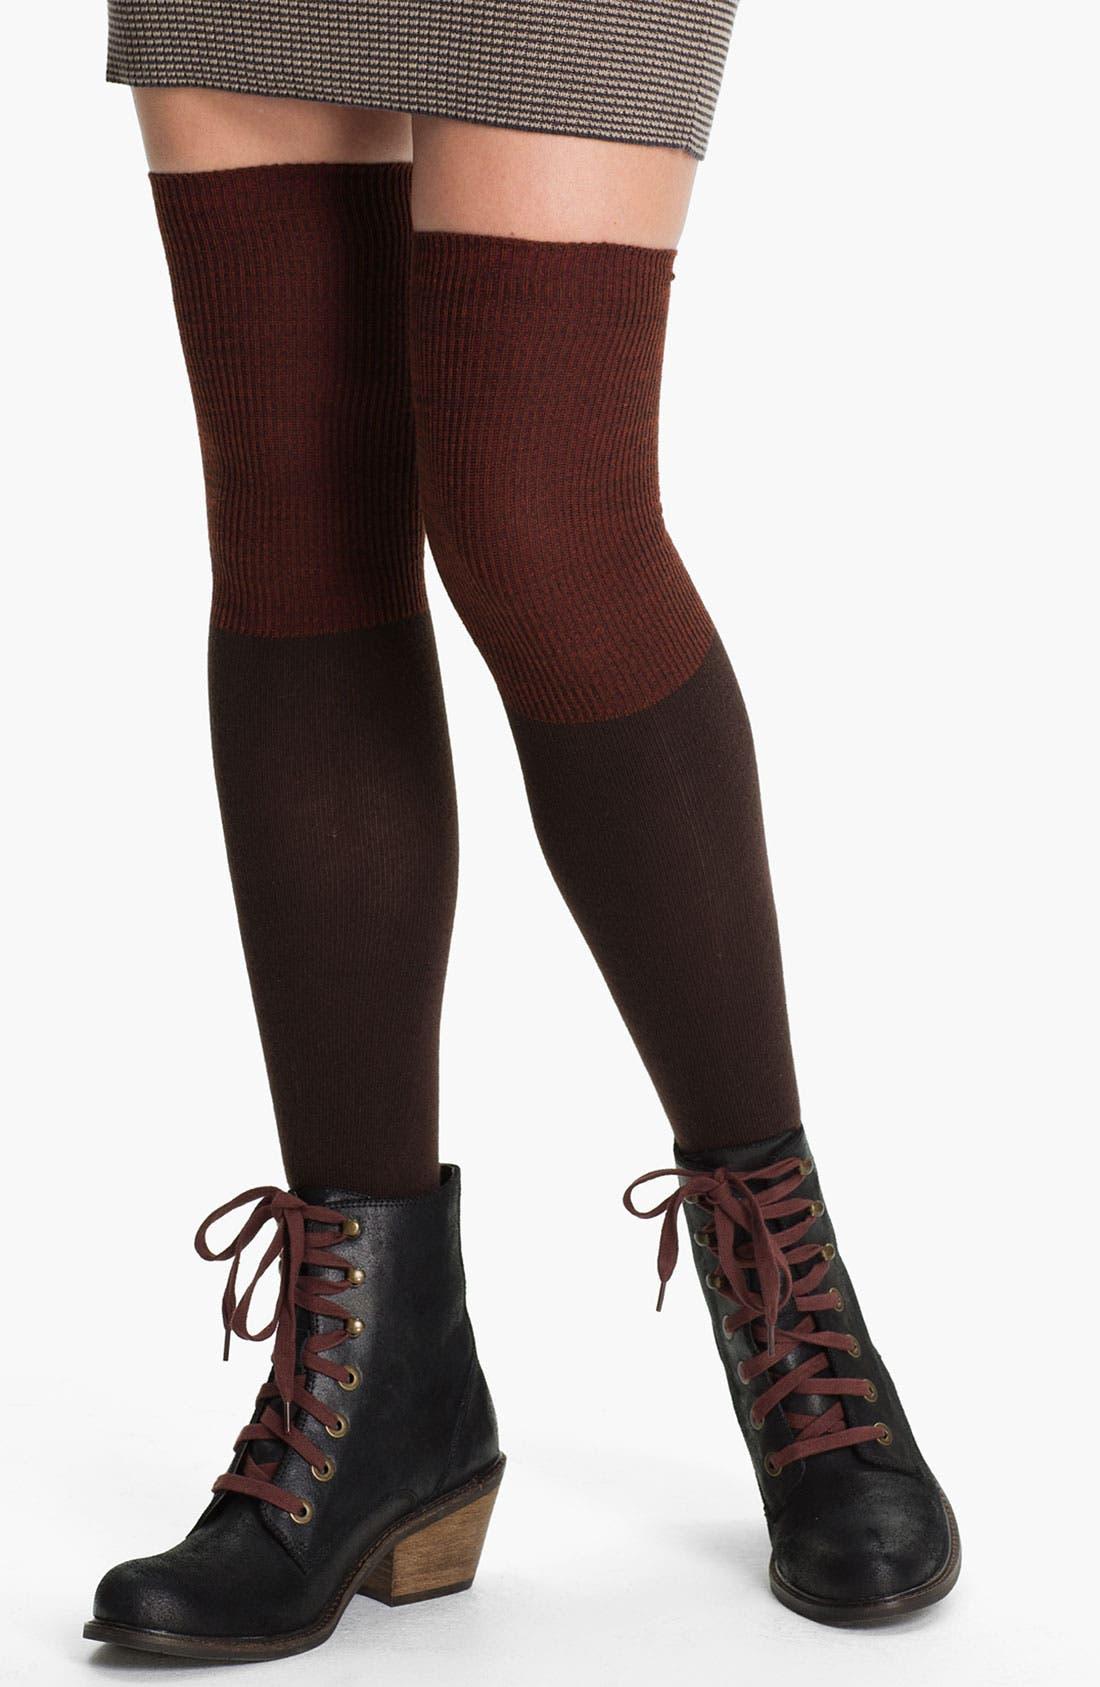 Alternate Image 1 Selected - K. Bell Socks Colorblock Over-The-Knee Socks